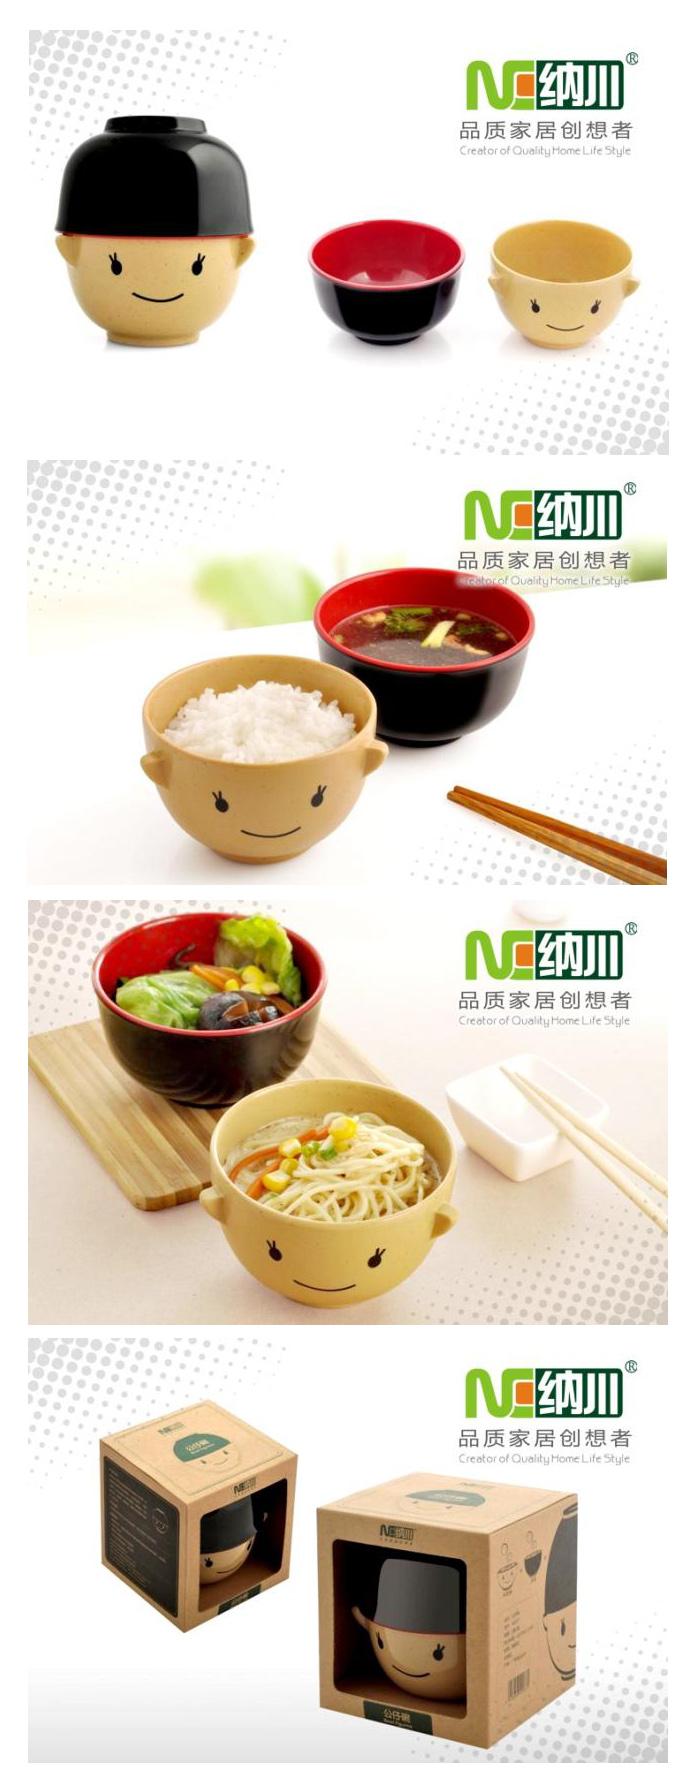 卡通日本娃娃带盖公仔碗 对碗 大口碗 情侣碗(1对)